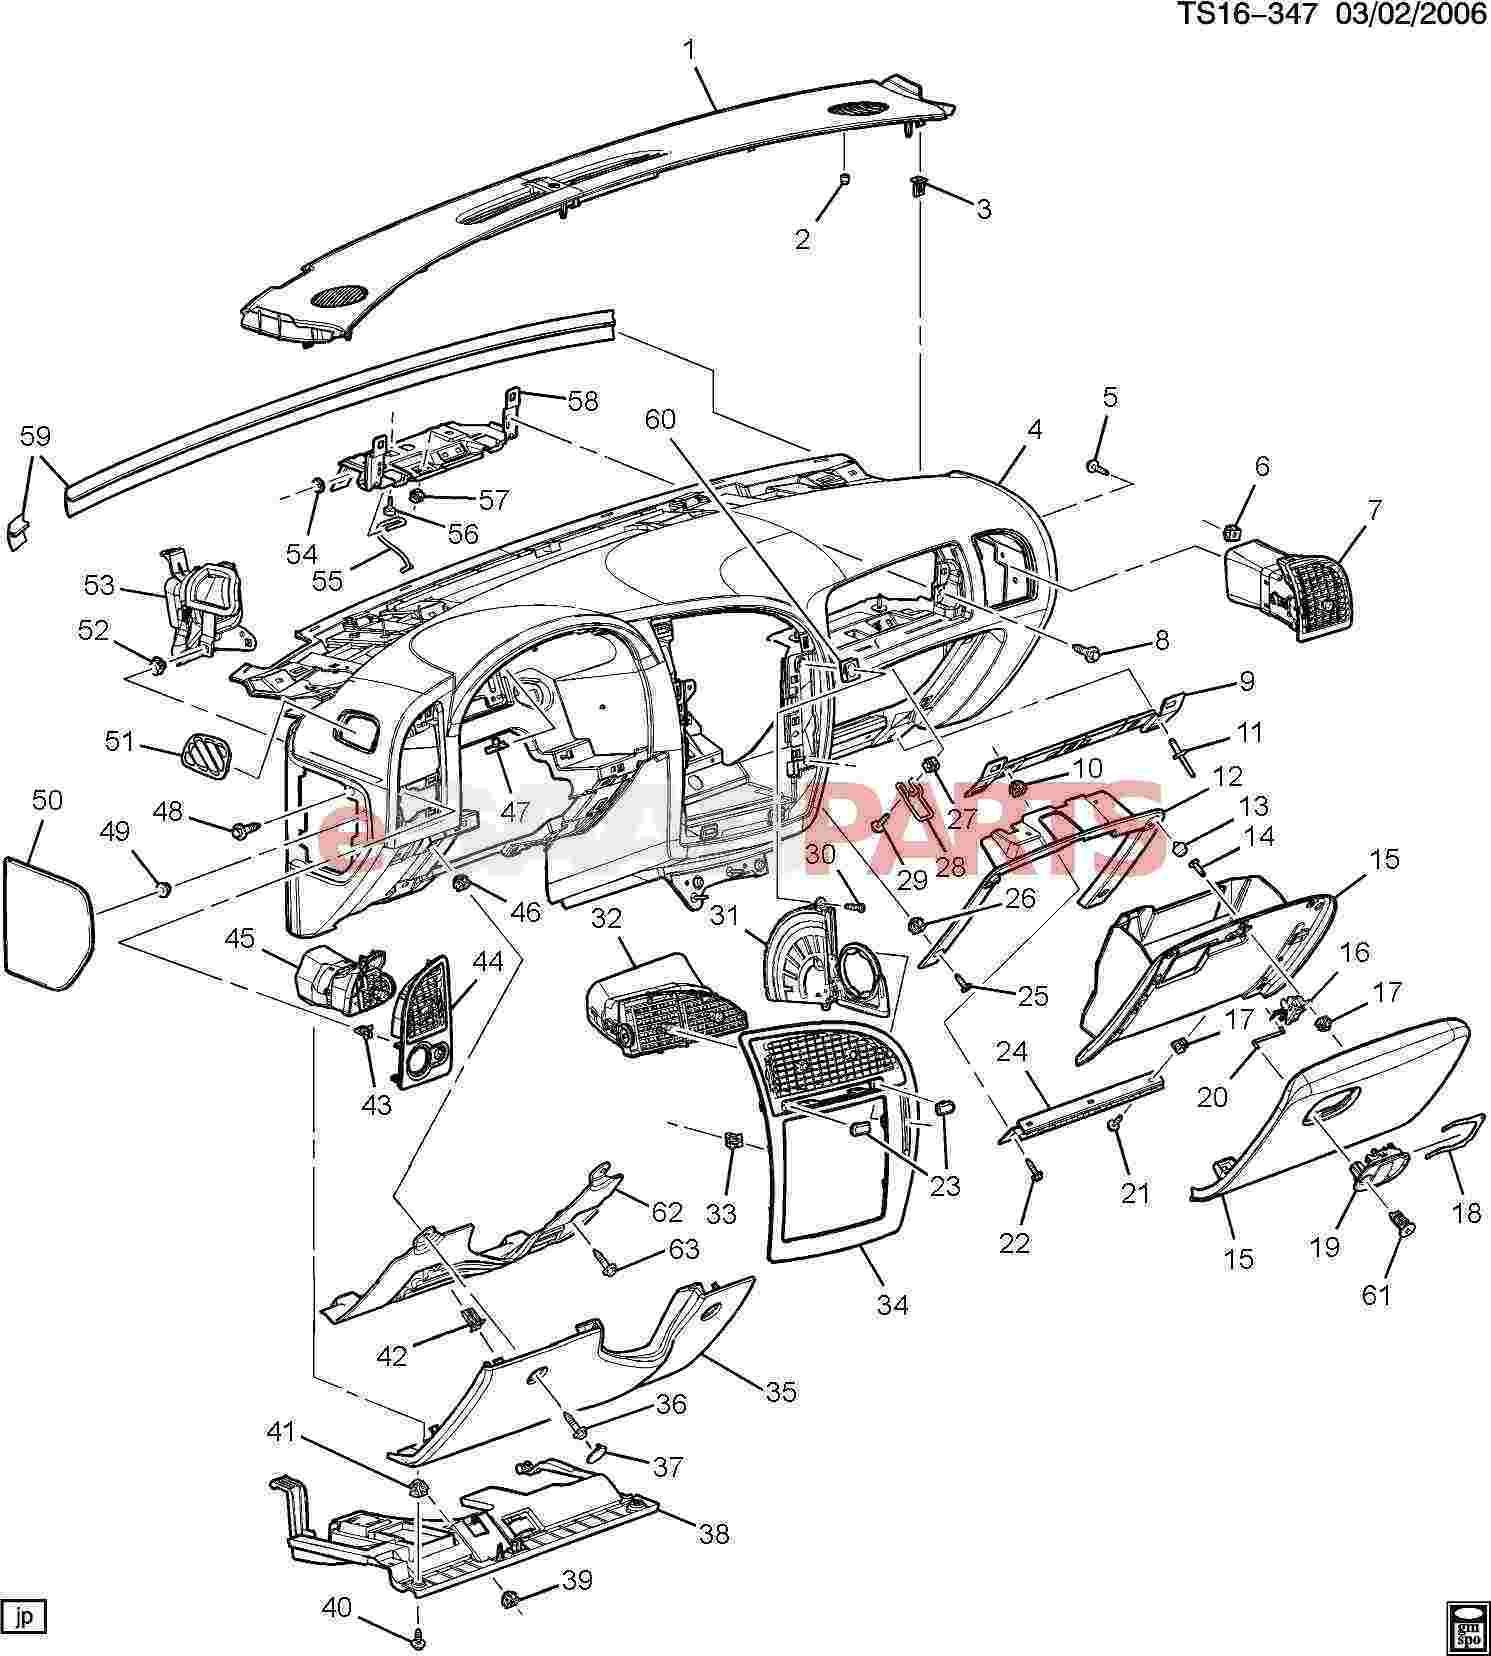 saab 9 3 wiring diagram gearbox